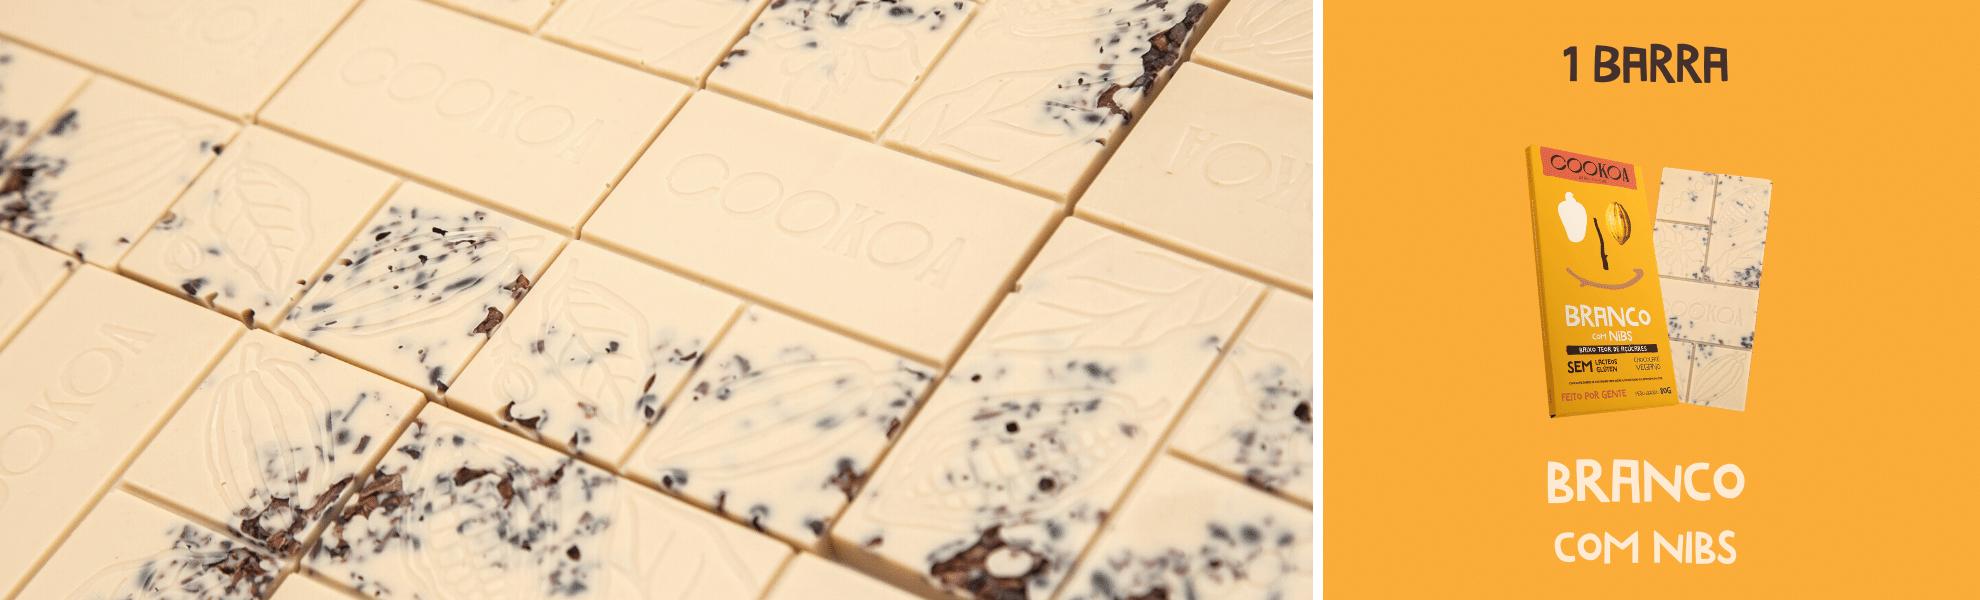 cookoa branco com nibs1